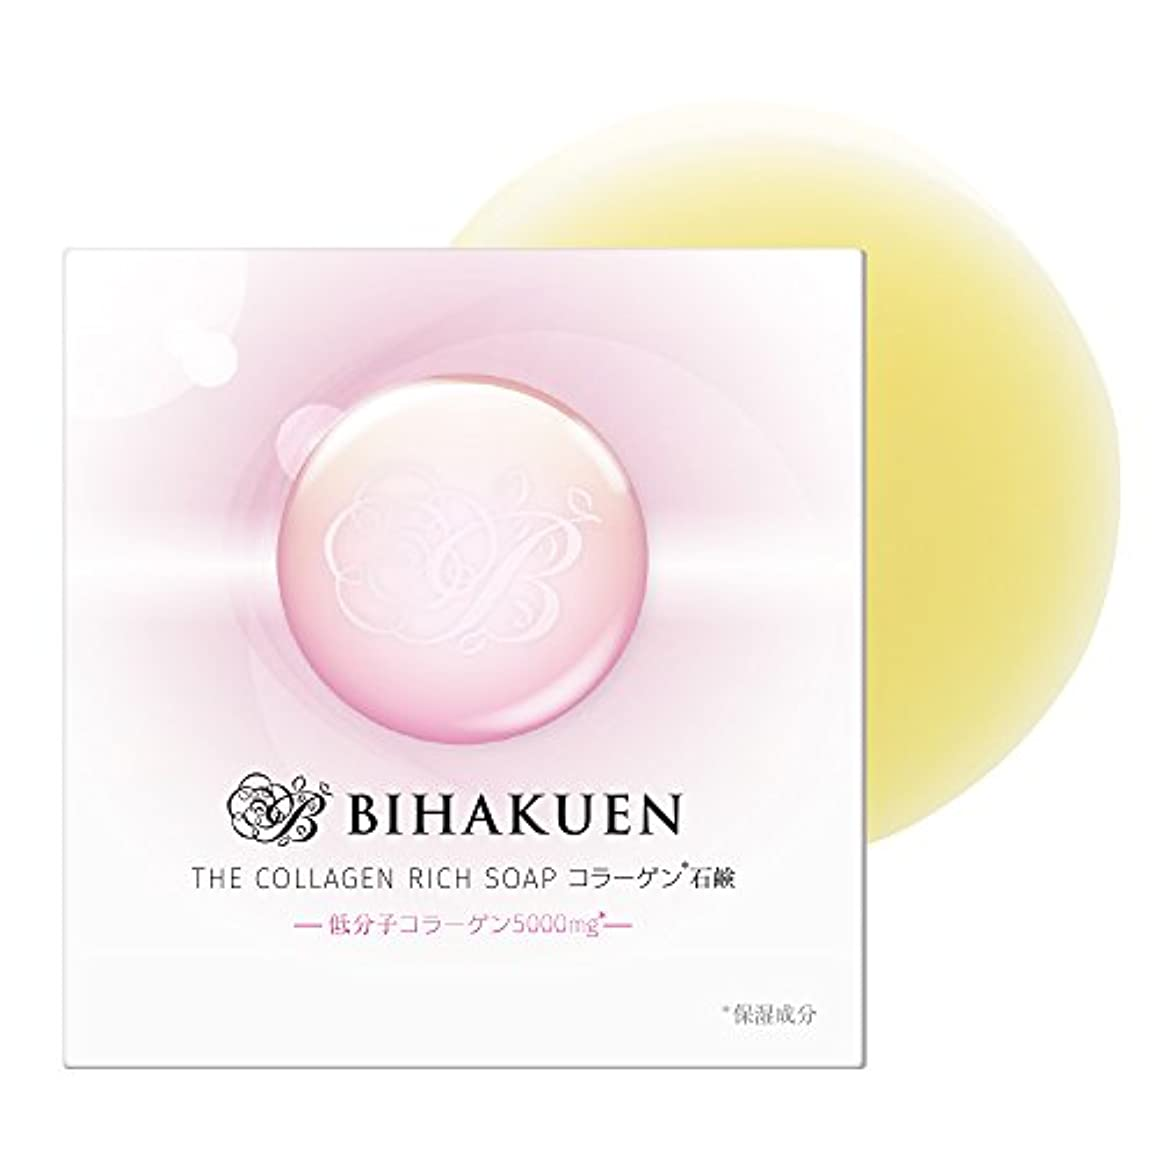 教え判読できない称賛(BIHAKUEN)コラーゲン石鹸100g (1個)